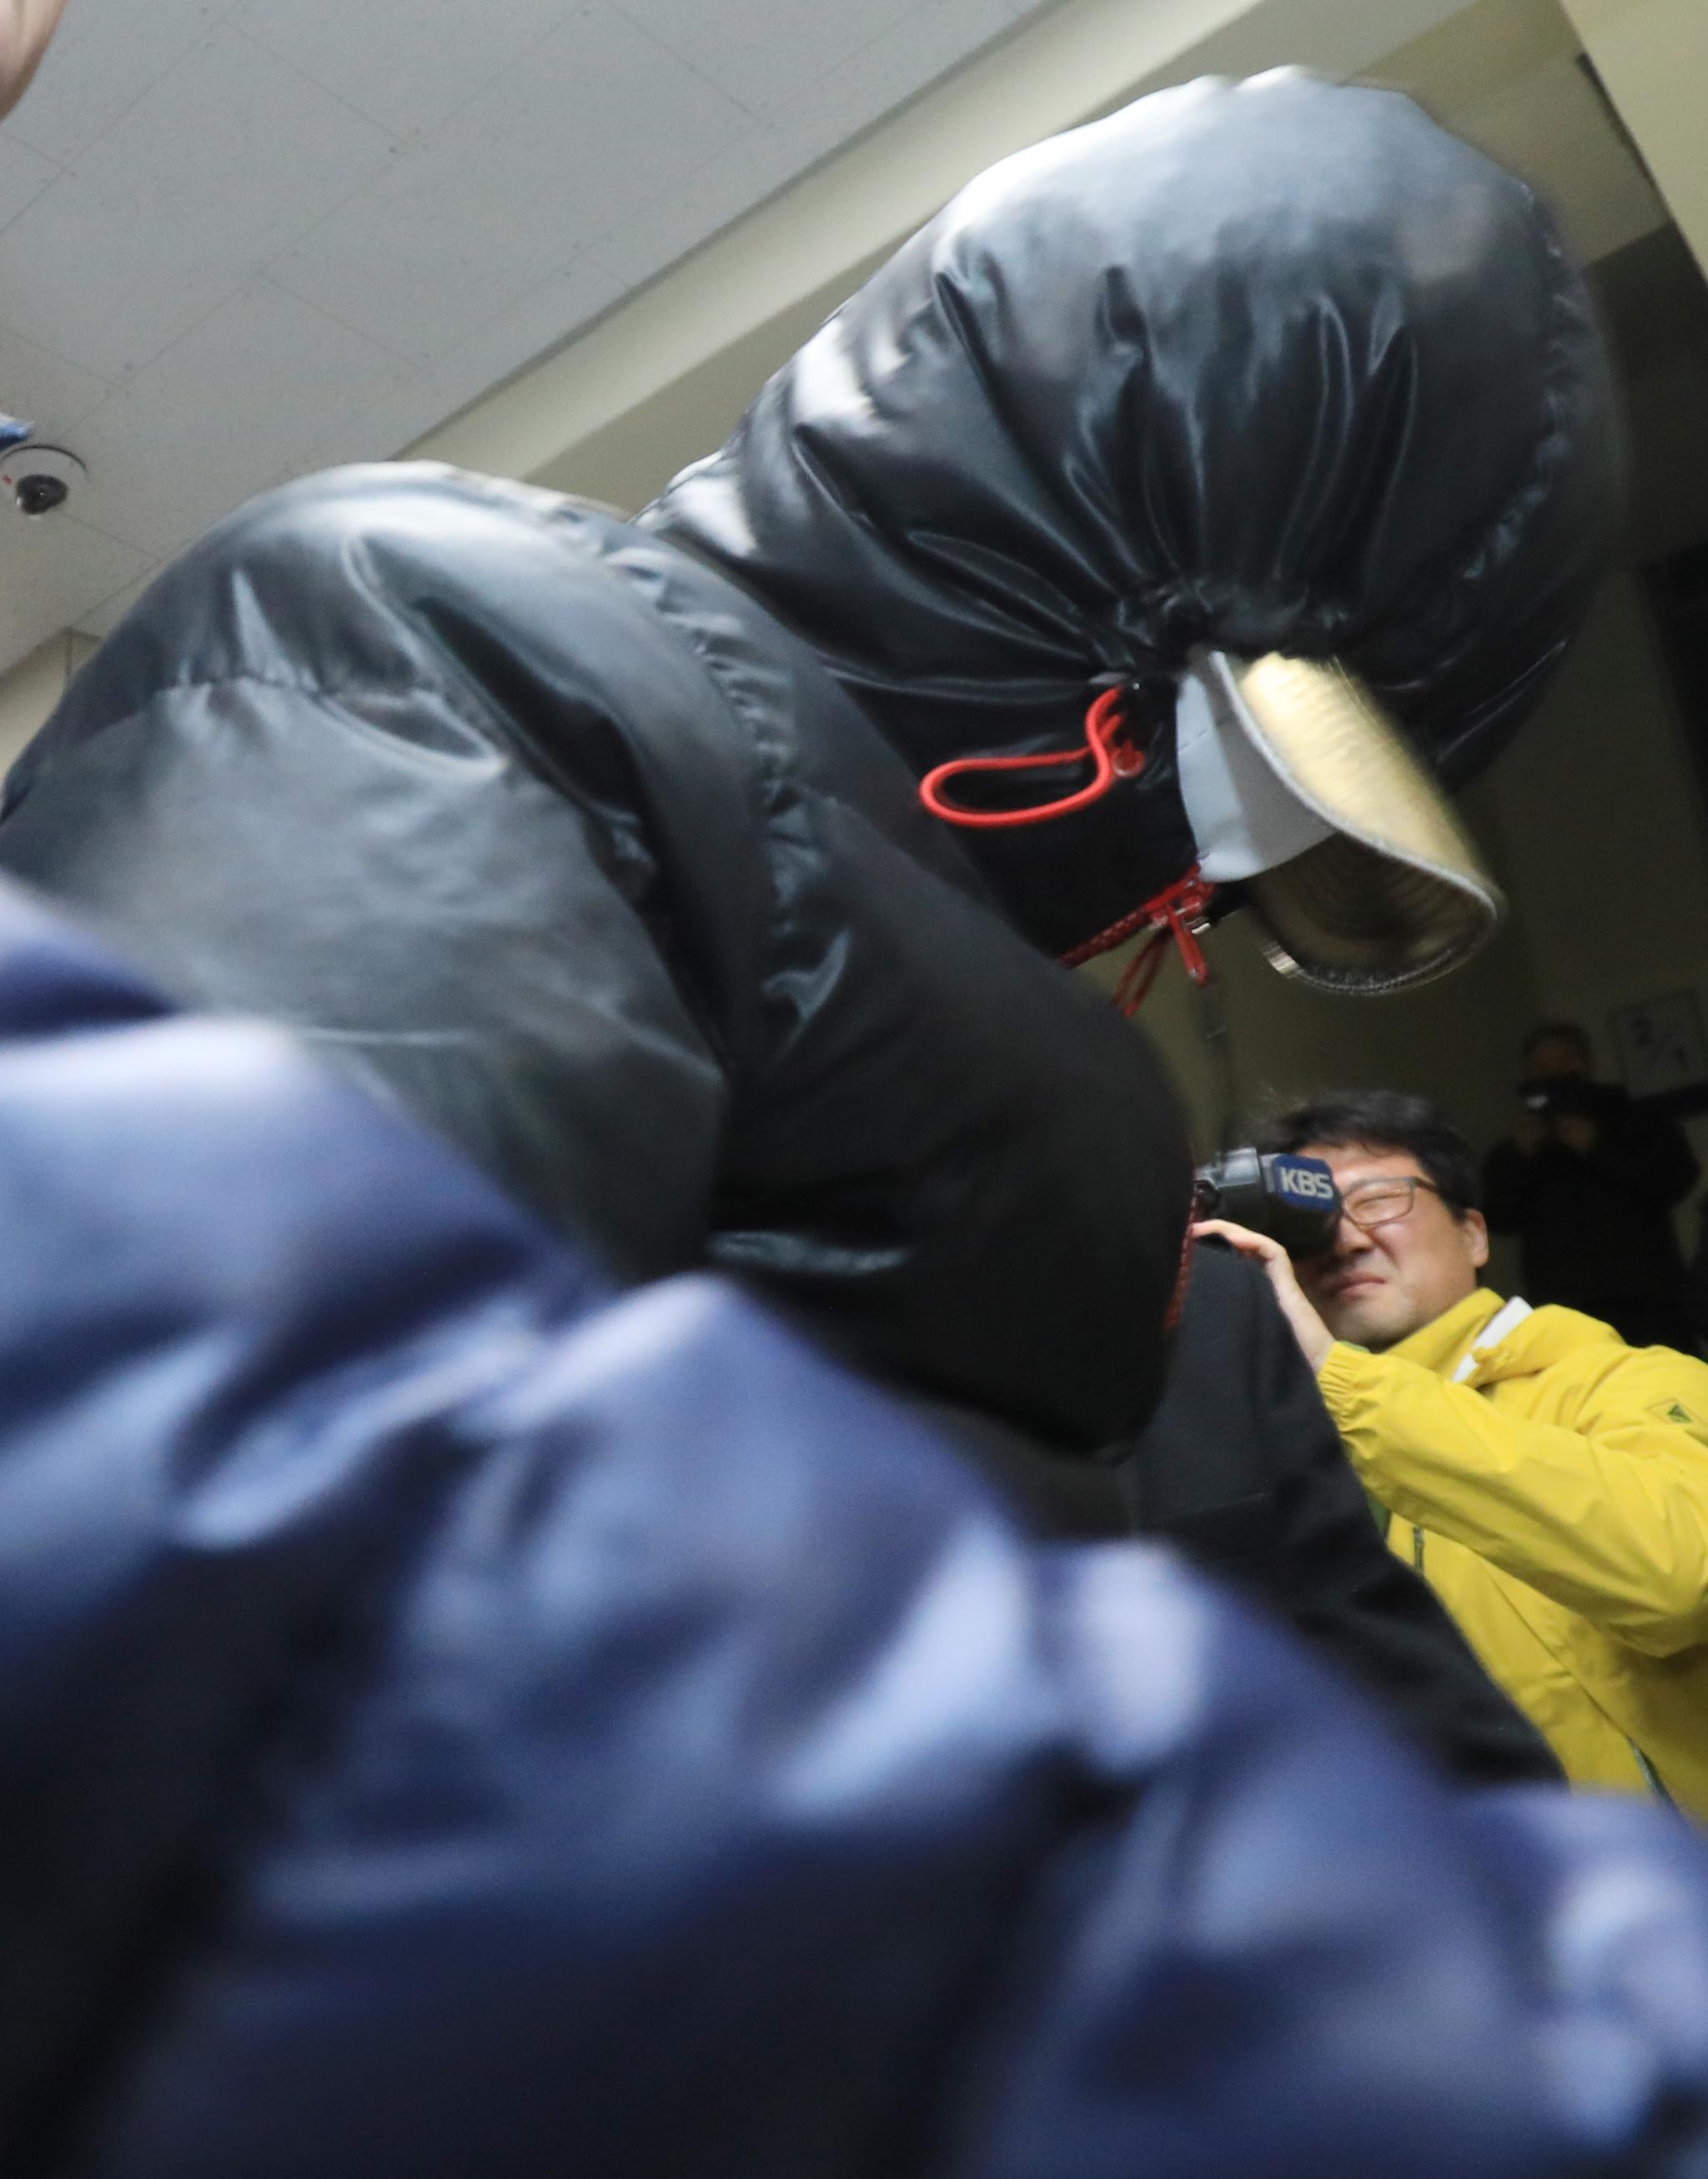 30일 오후 7시쯤 전북 전주시 완산경찰서에 '얼굴 없는 천사'의 성금을 훔쳐 달아난 혐의(특수절도)로 긴급체포된 30대 용의자가 청사에 들어서고 있다. [뉴스1]